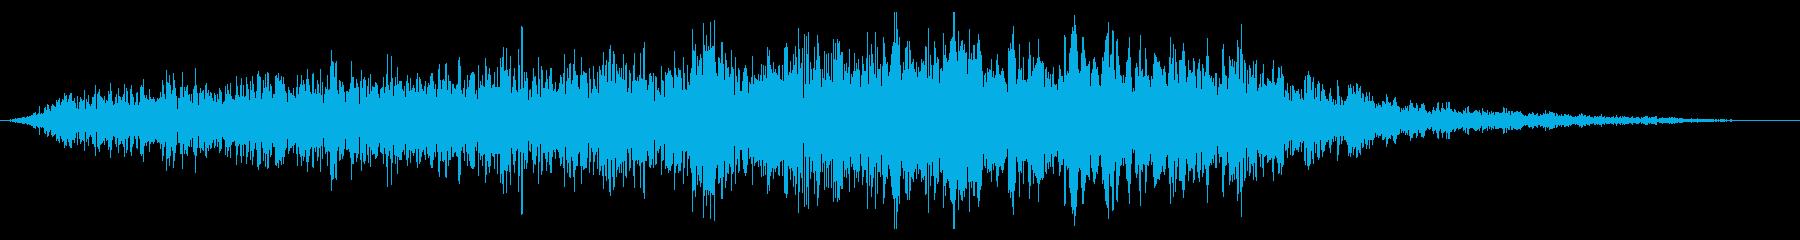 スローシズルライザーの再生済みの波形